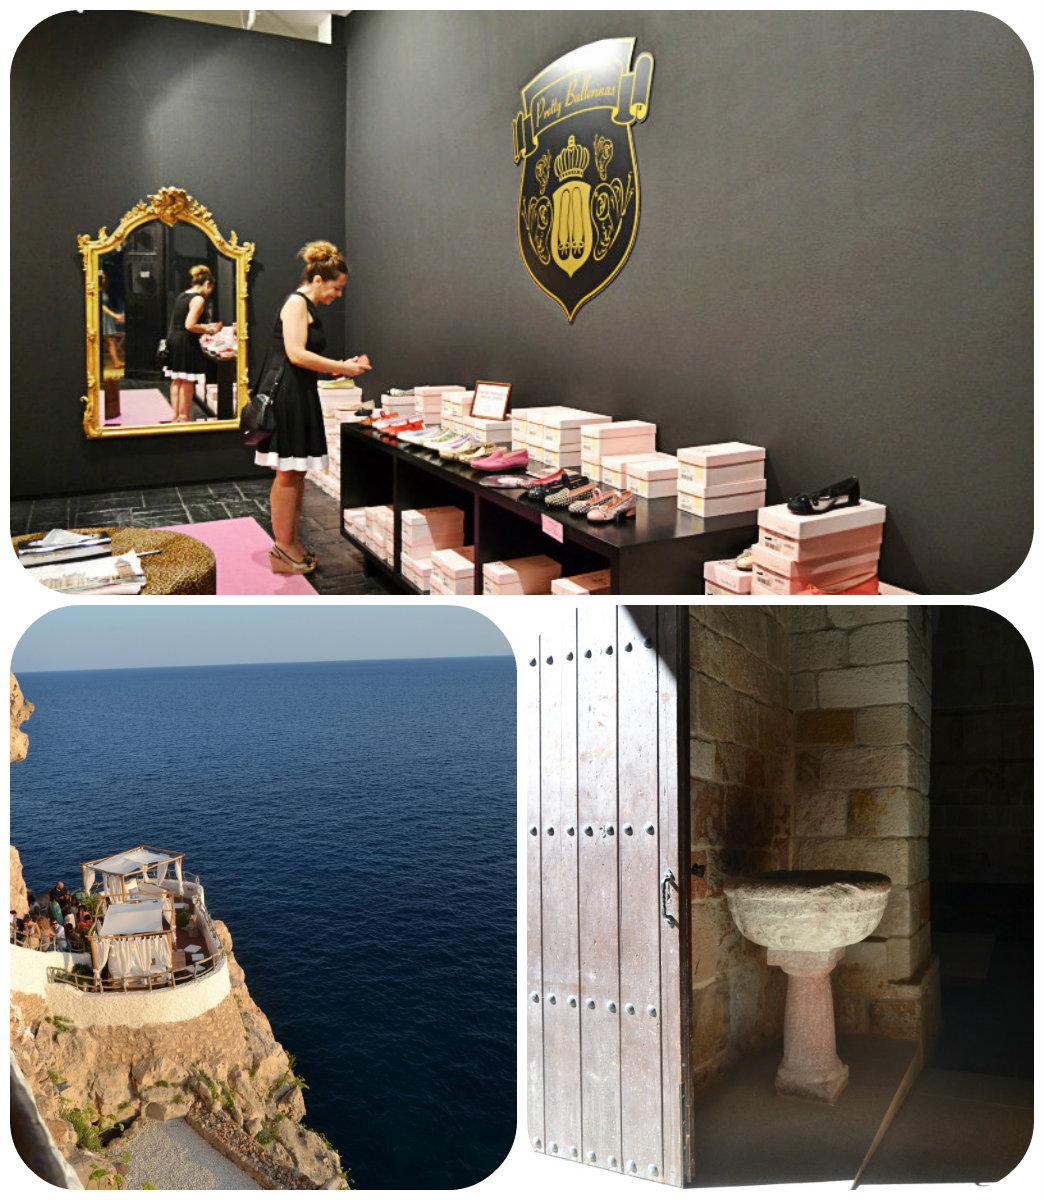 lugares especiales, zamora, menorca, fotografia, monumentos, cova dén Xoroi, pretty ballerinas, ermita, santa maria la nueva